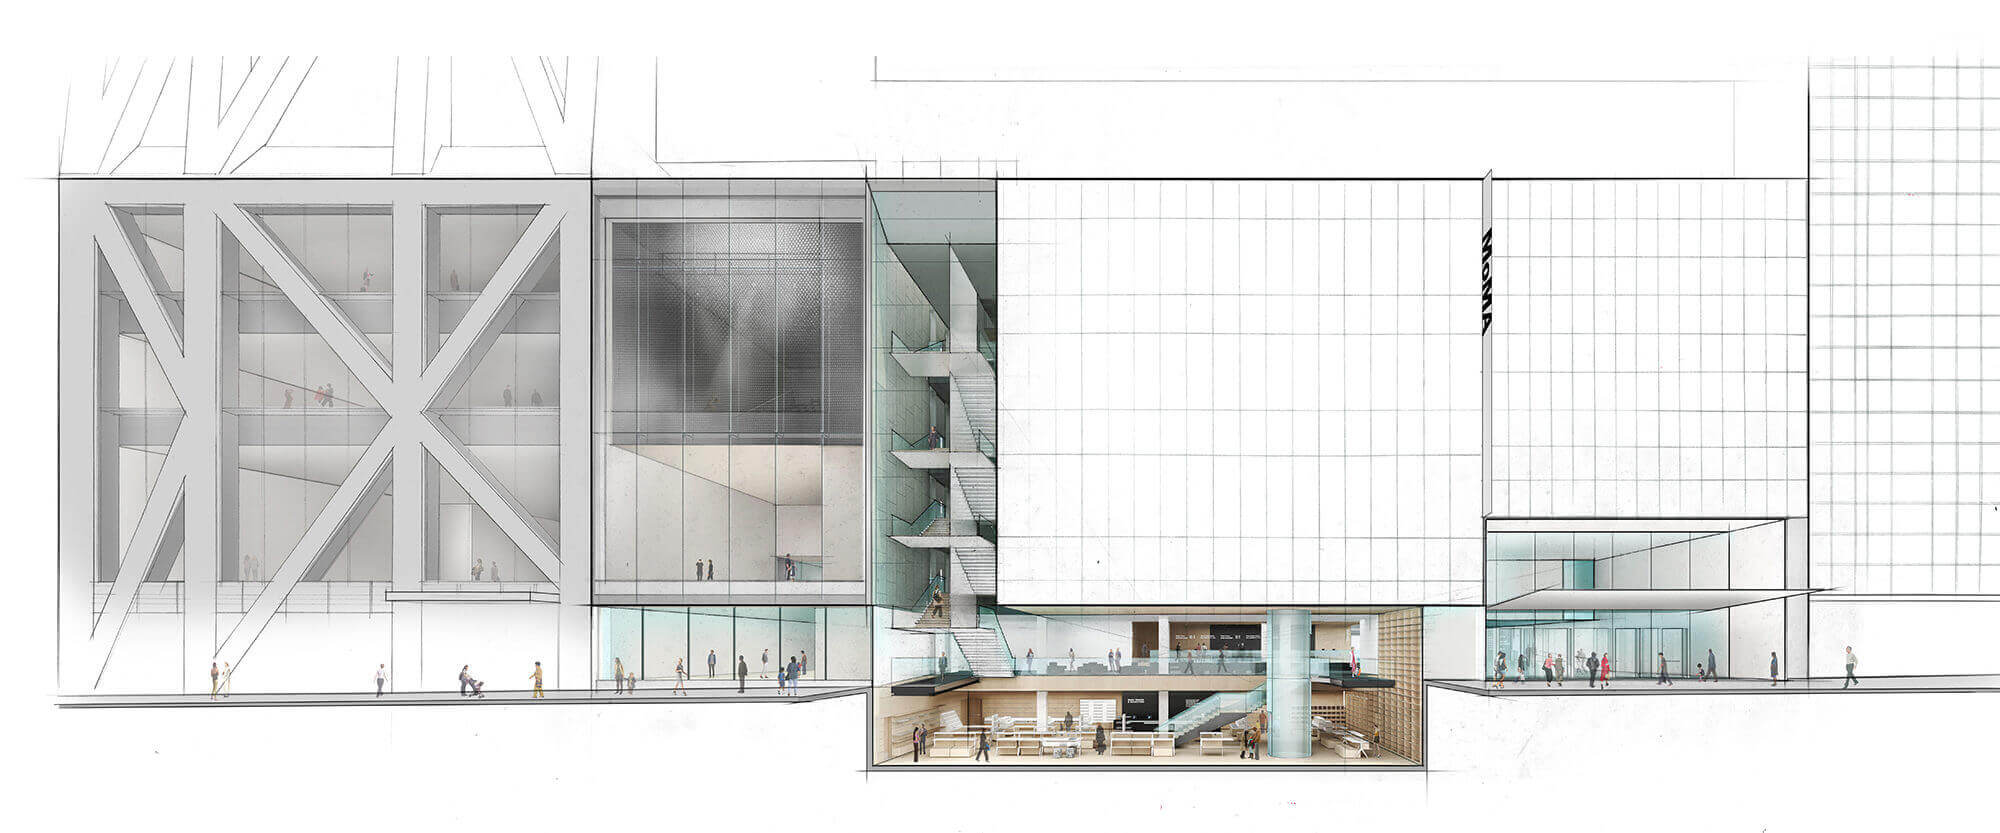 MoMA cierra sus puertas por remodelación y expansión 5